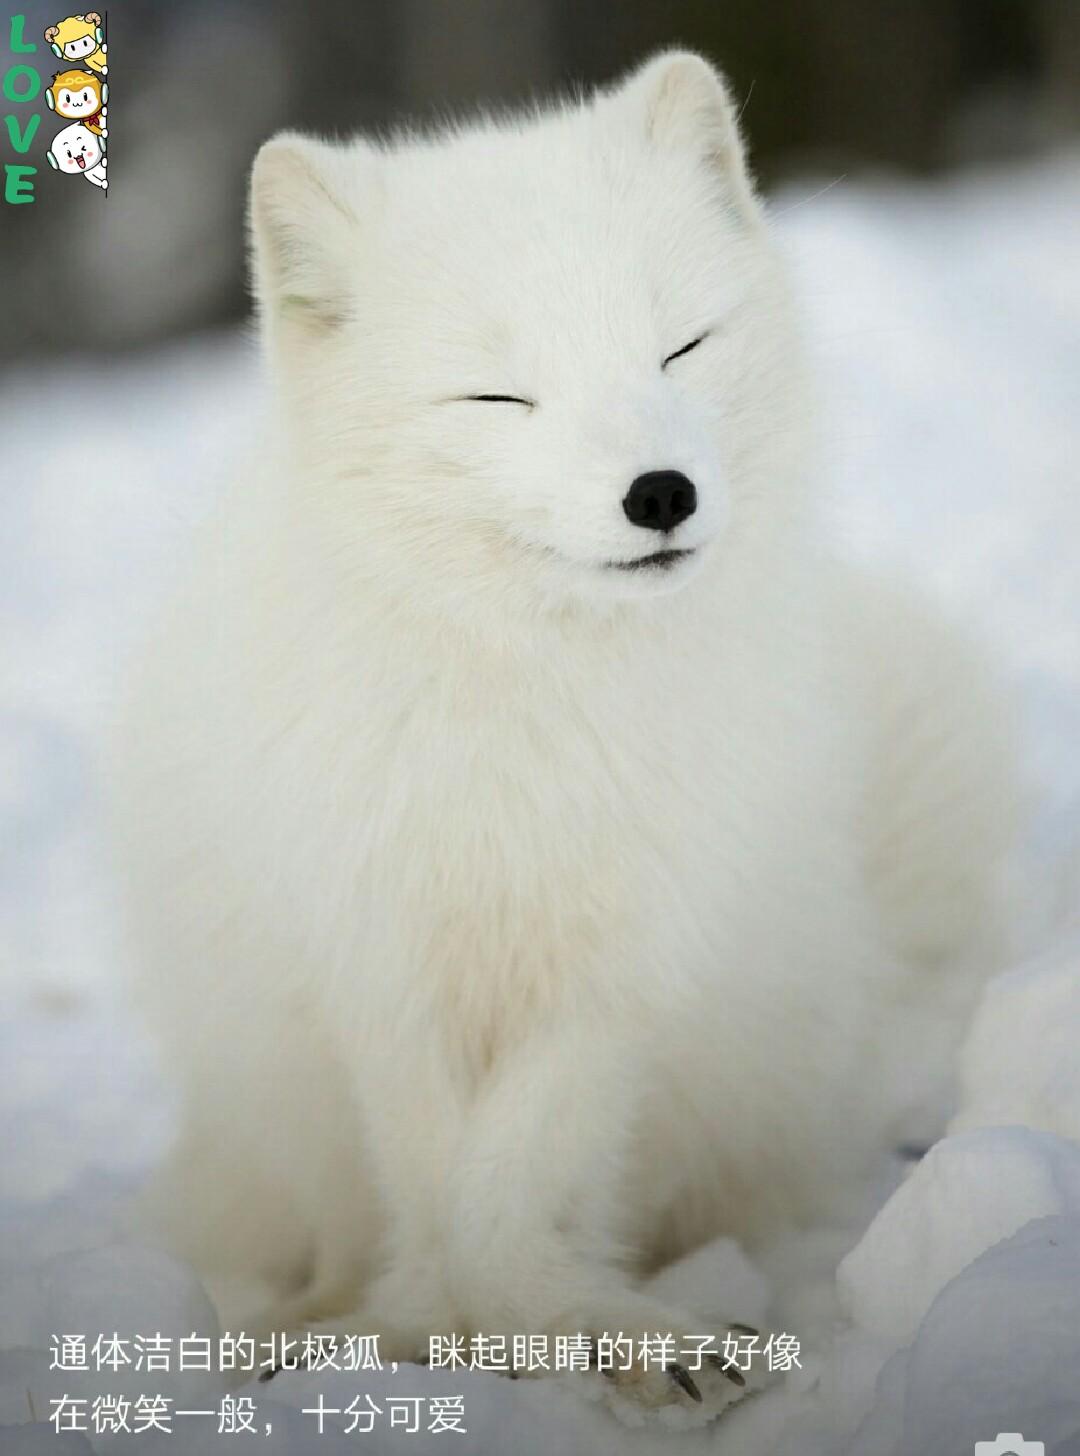 一群美丽可爱的动物奉上,萌萌哒!